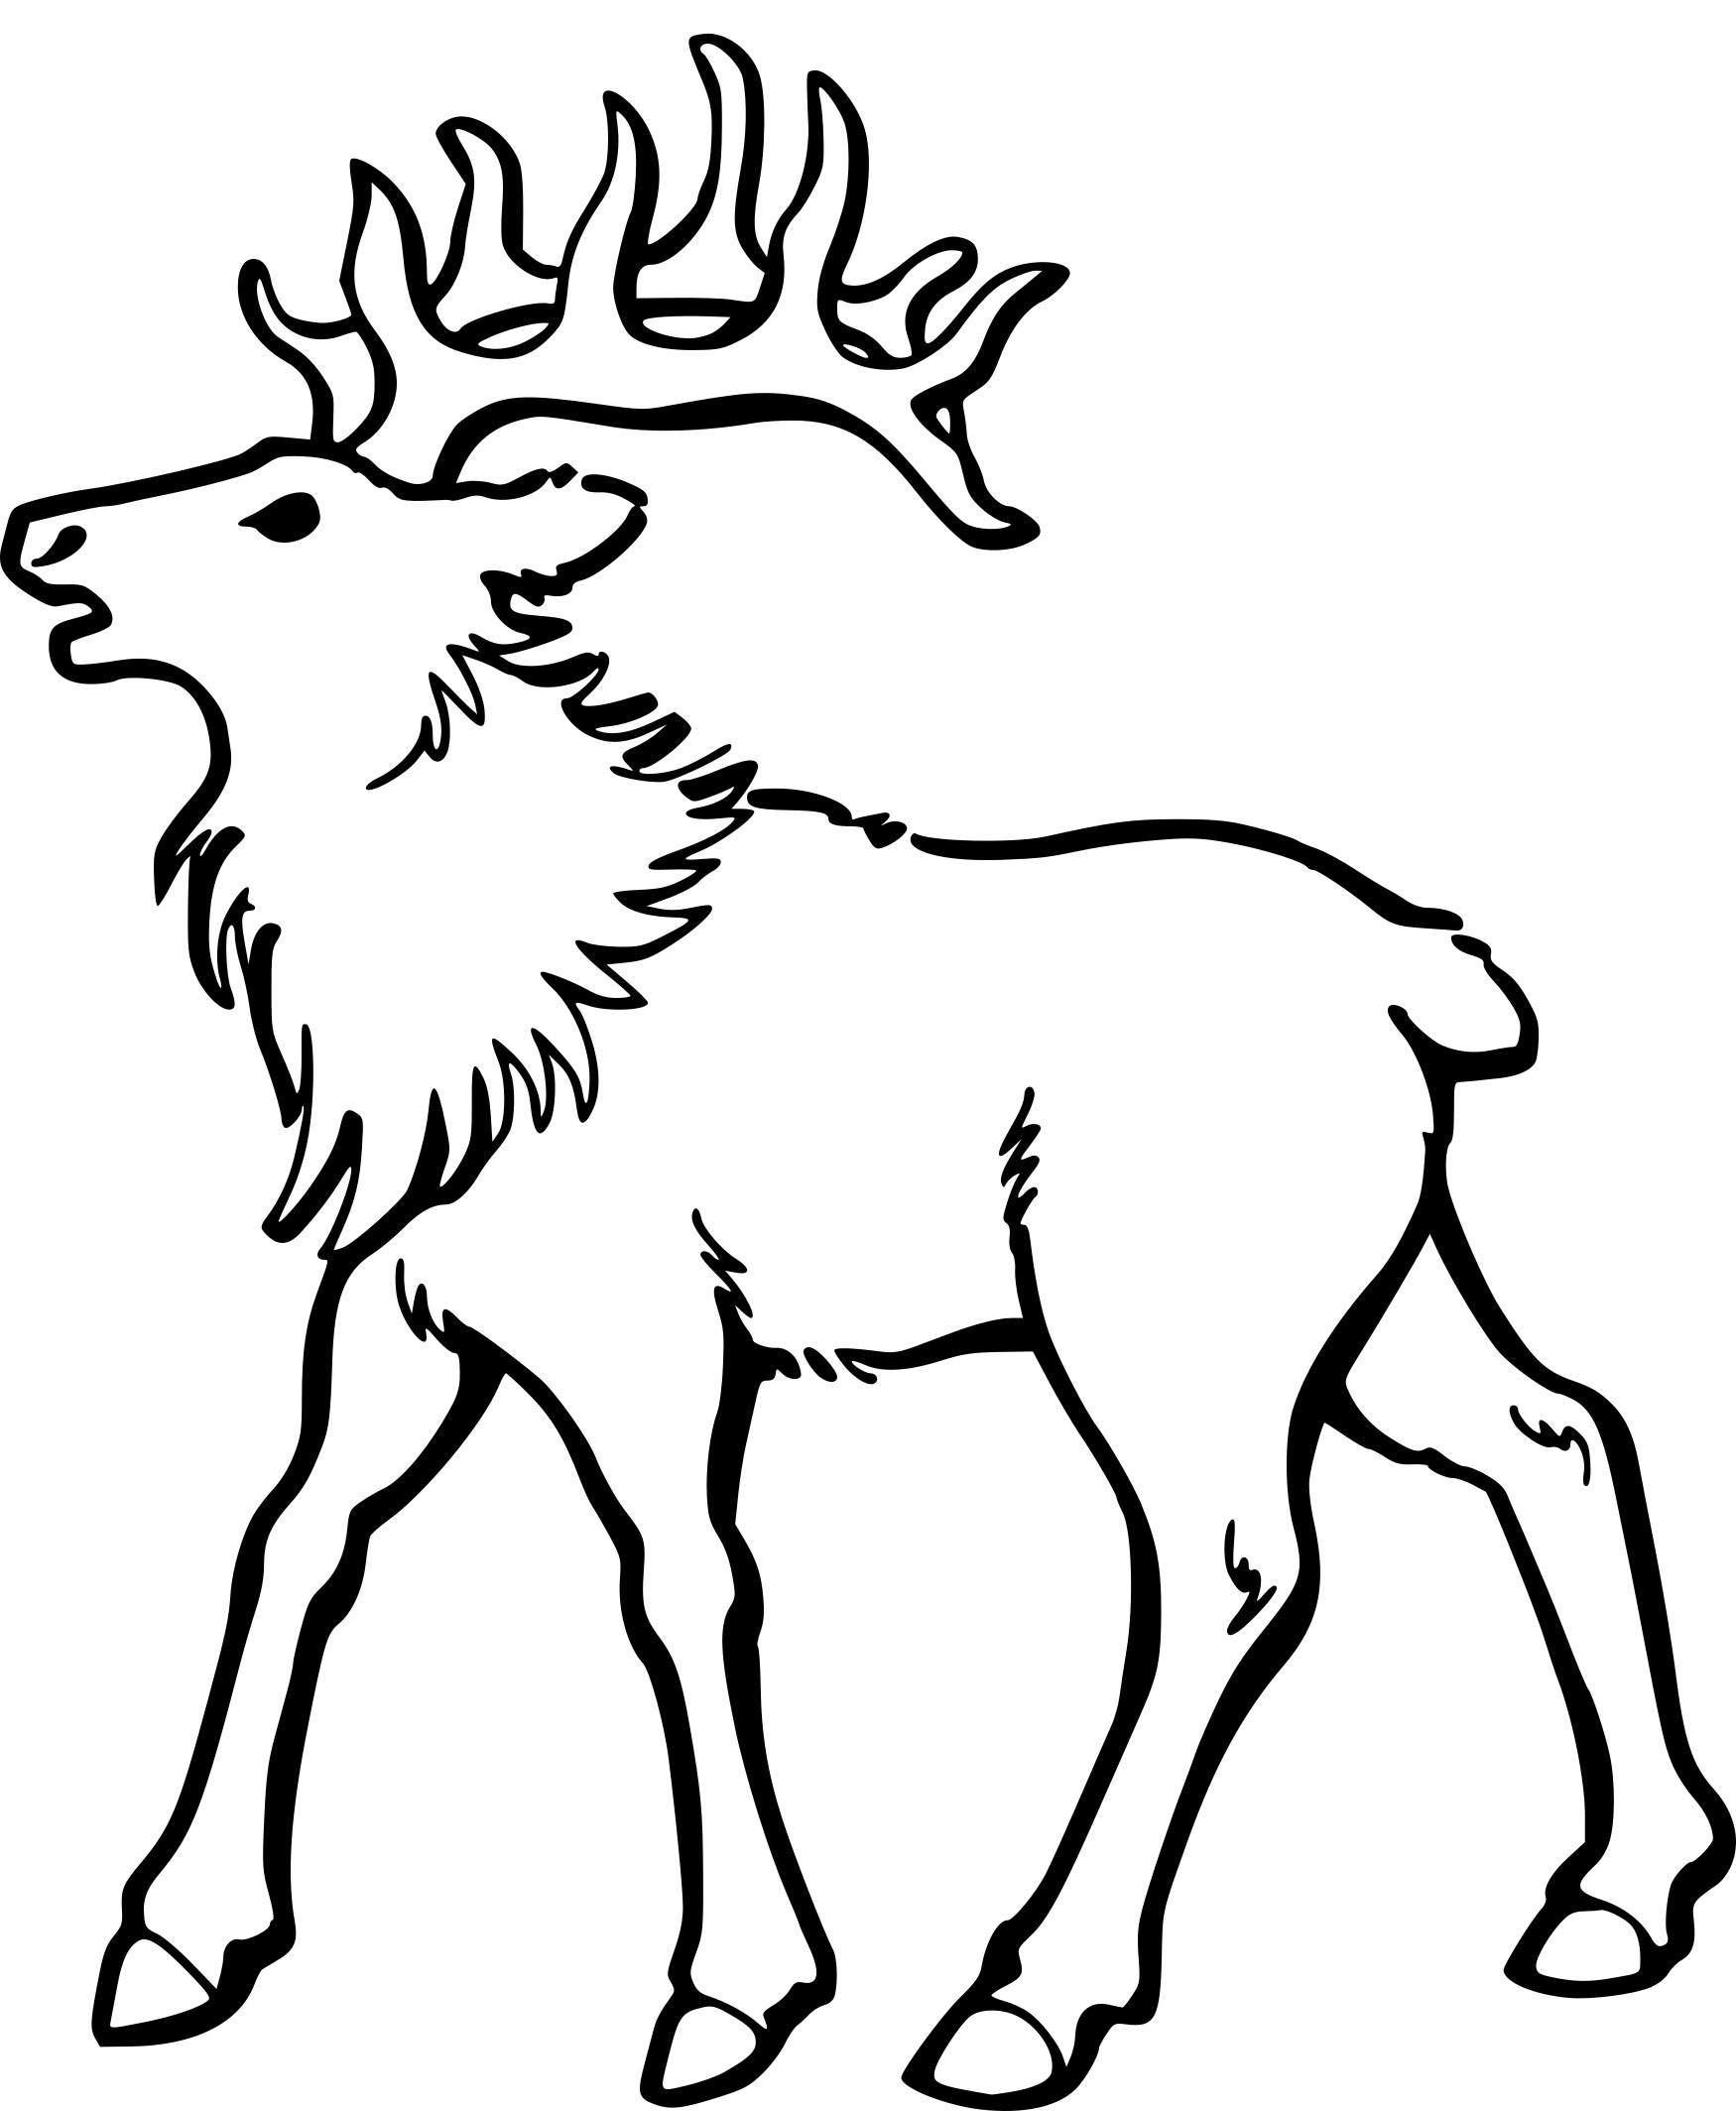 Coloriage Caribou Dessin À Imprimer Sur Coloriages intérieur Caribou Dessin